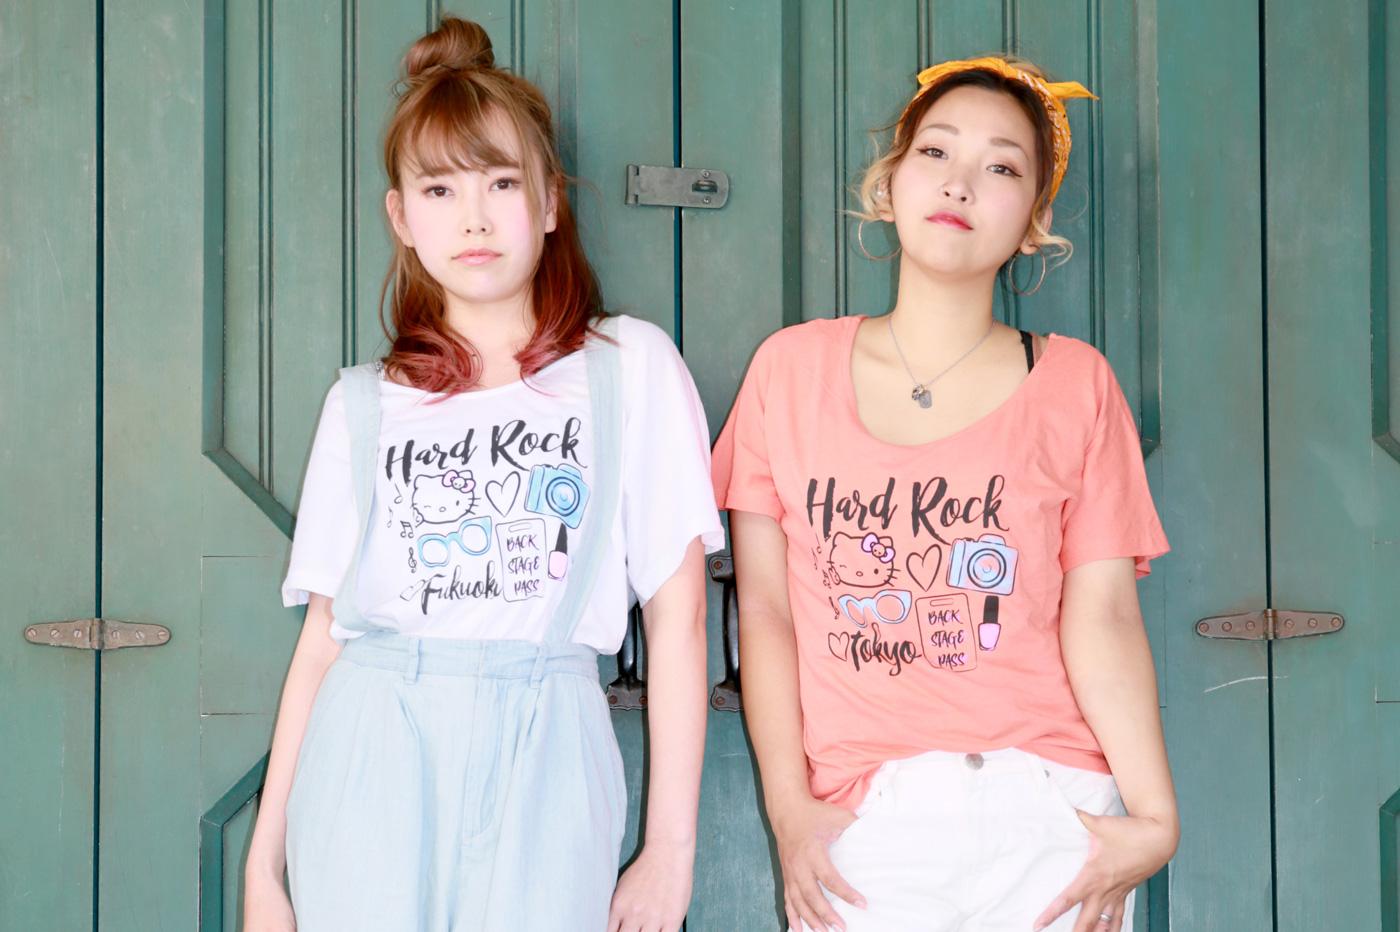 Hard Rock Cafe Hello Kitty 2017